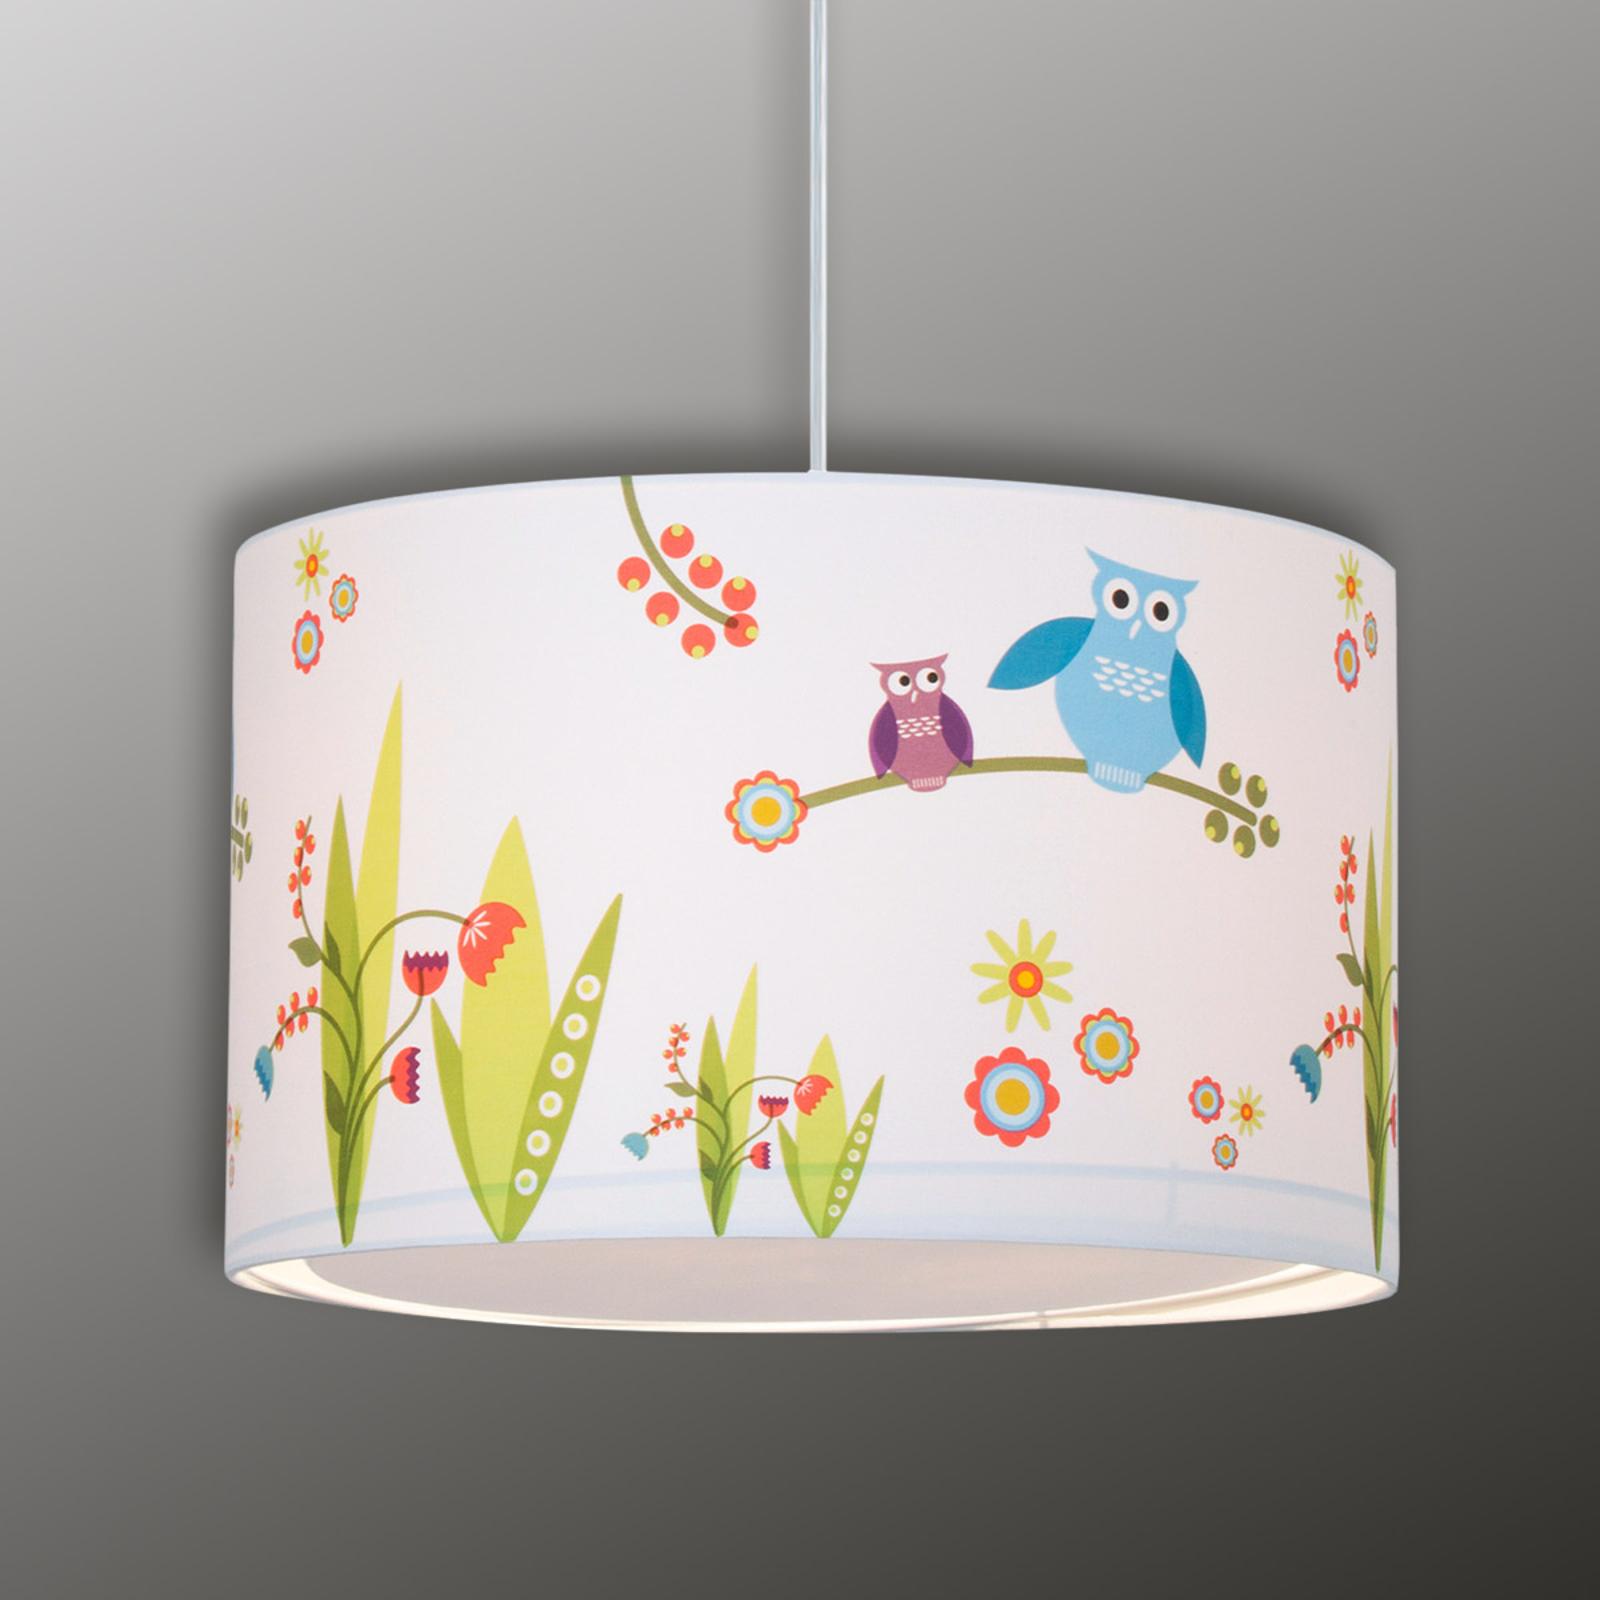 Závesná lampa Birds do detskej izby_1507230_1